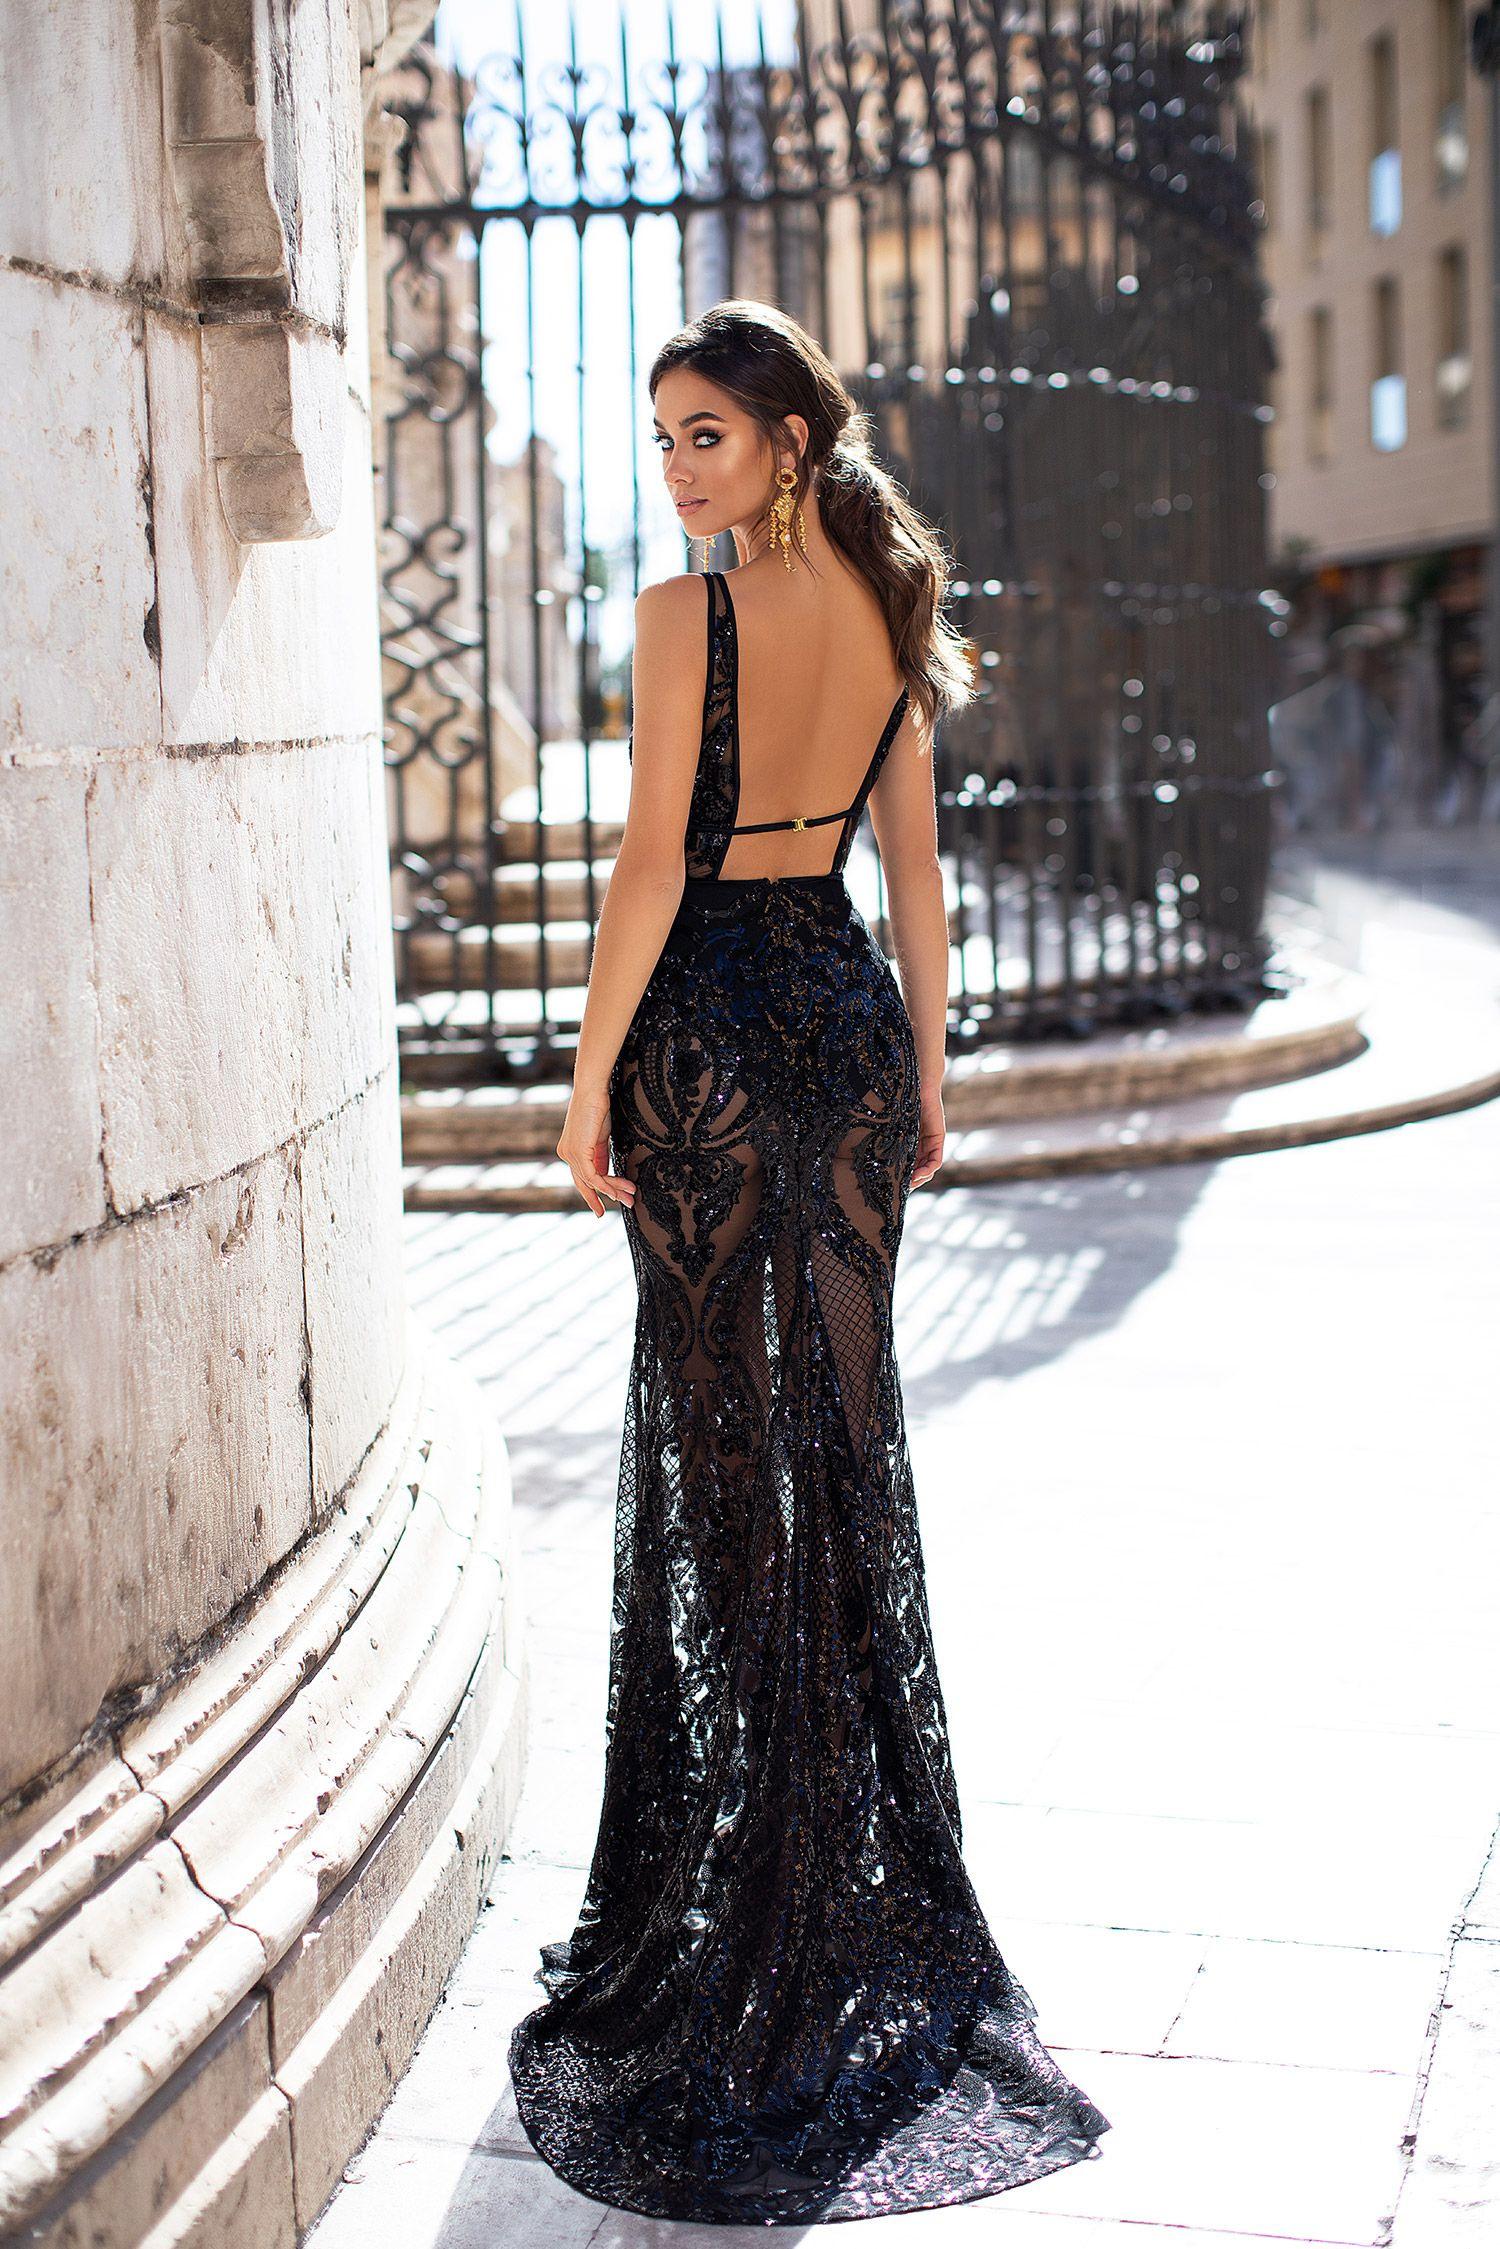 17 Coolste Abendkleid Trend 2020 Design20 Cool Abendkleid Trend 2020 Bester Preis